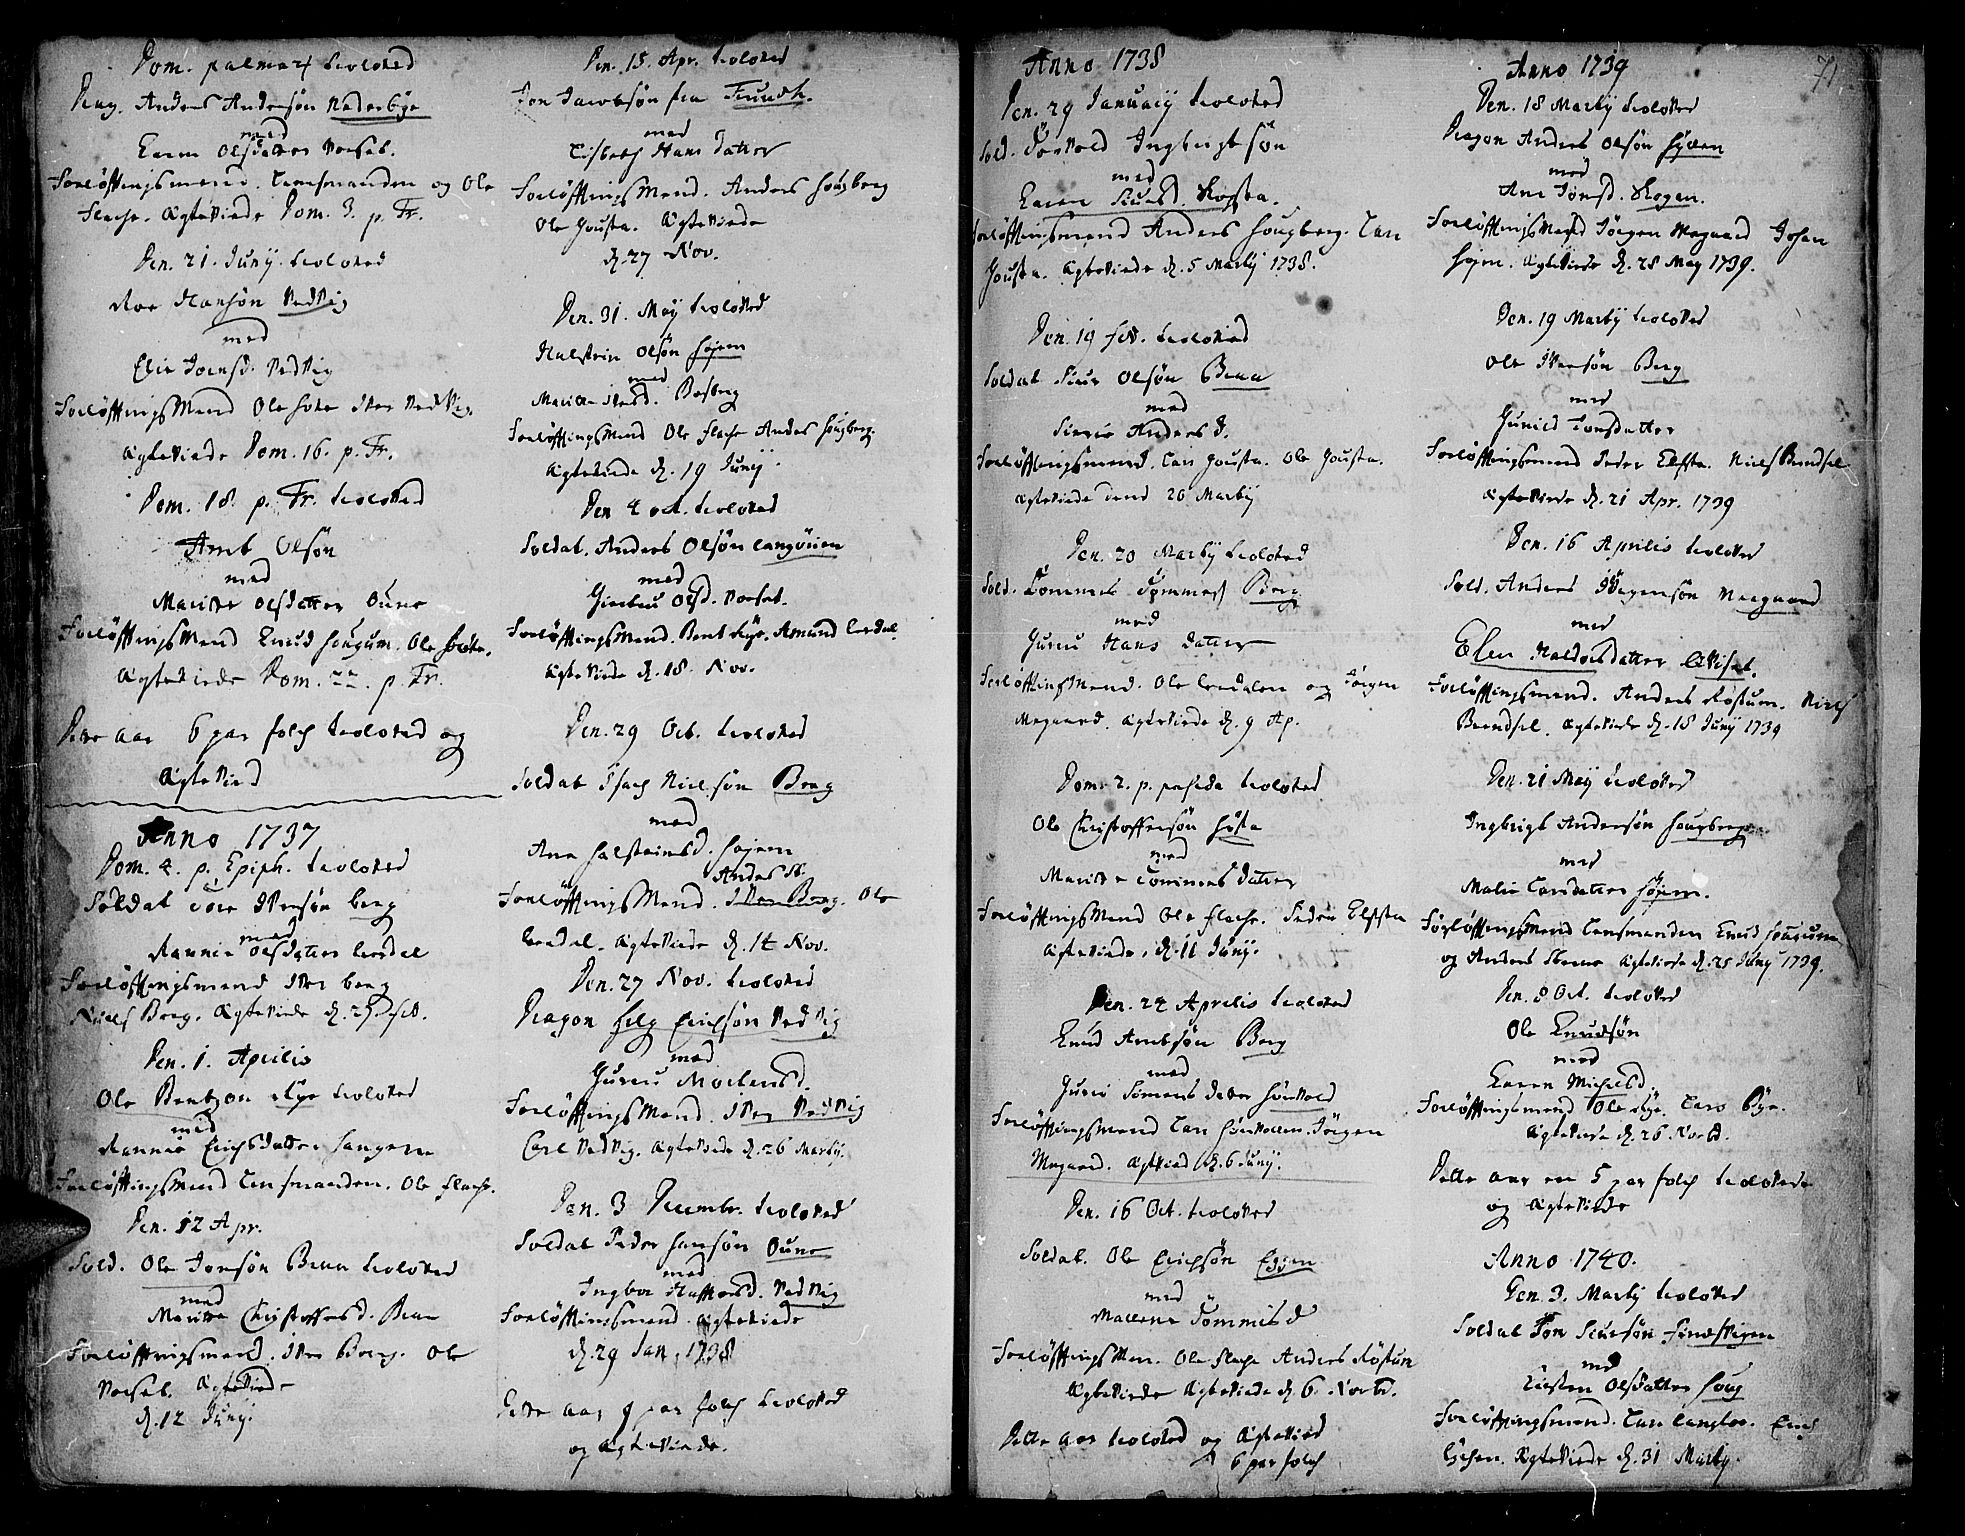 SAT, Ministerialprotokoller, klokkerbøker og fødselsregistre - Sør-Trøndelag, 612/L0368: Ministerialbok nr. 612A02, 1702-1753, s. 71